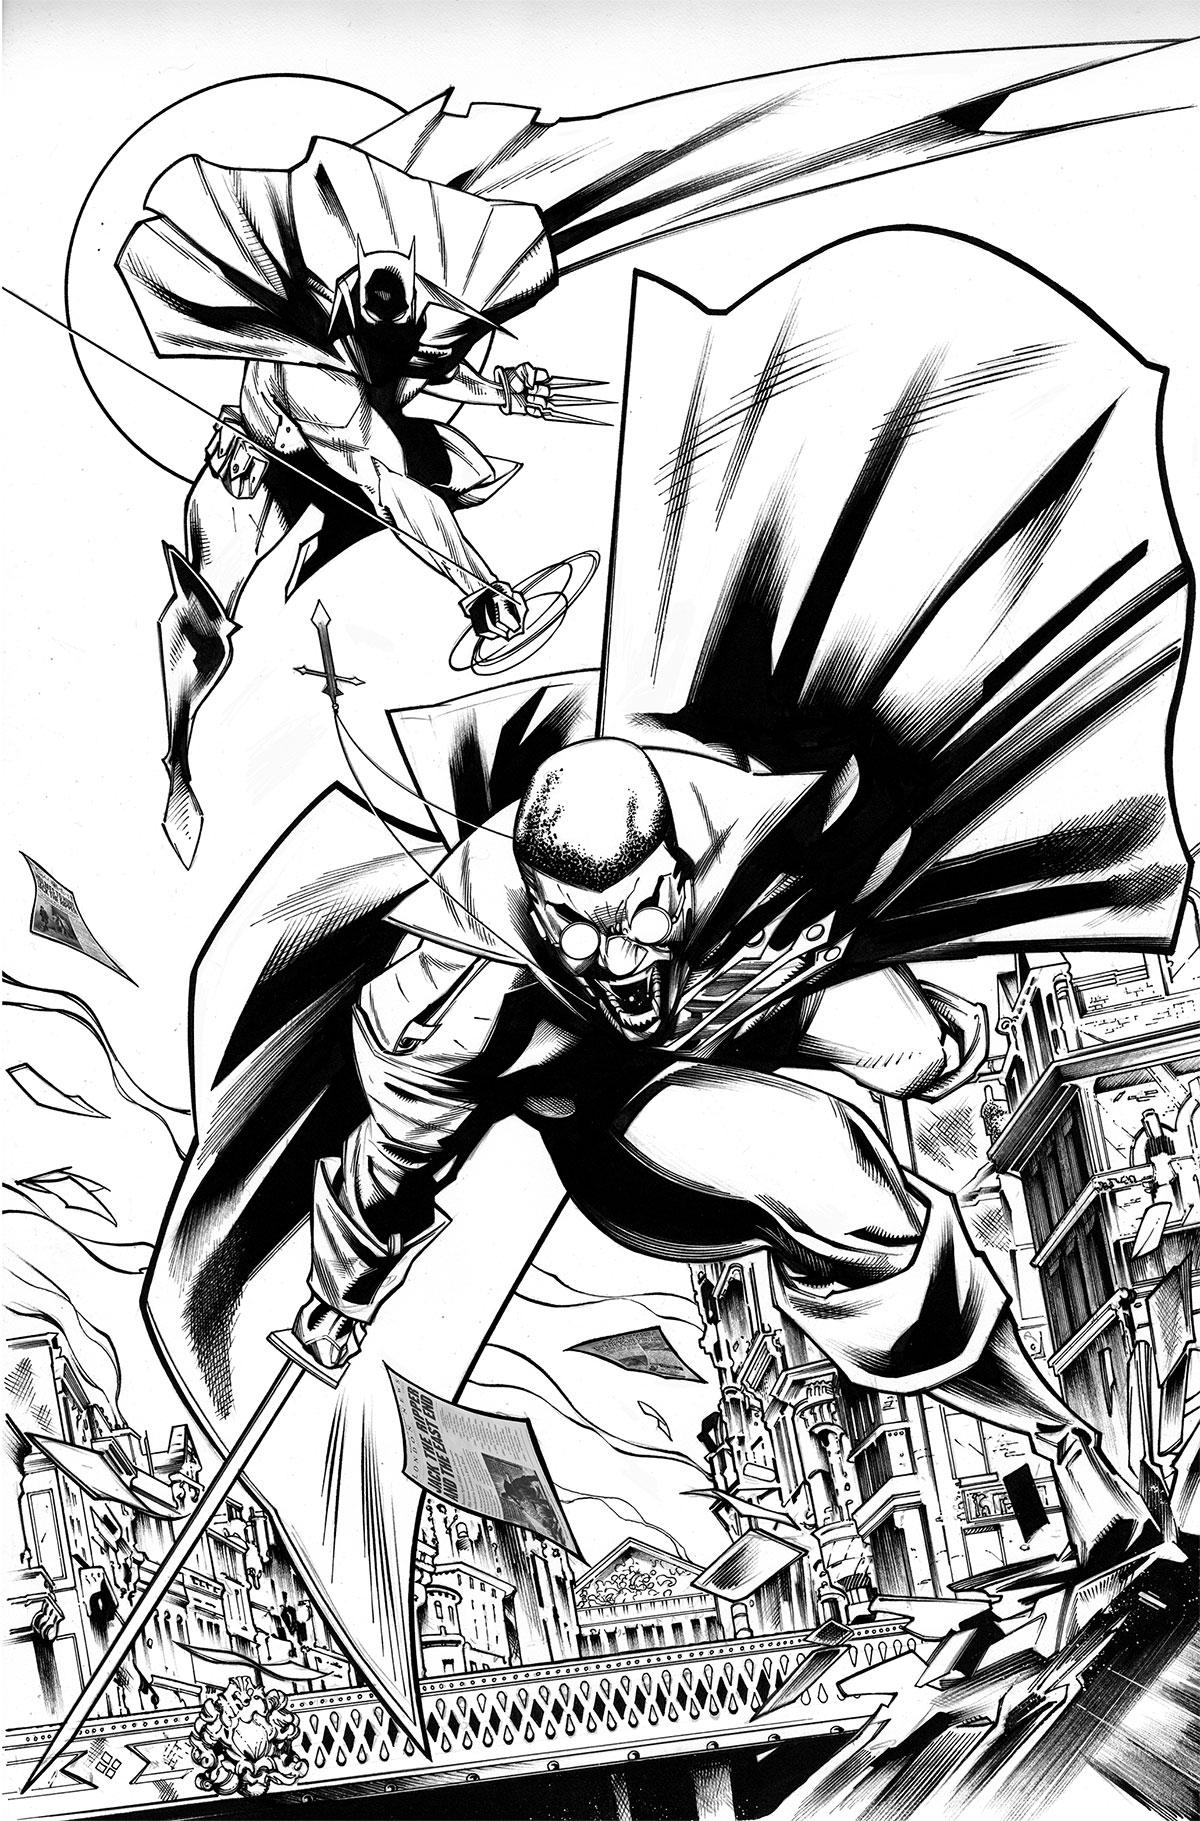 Blade/Batman